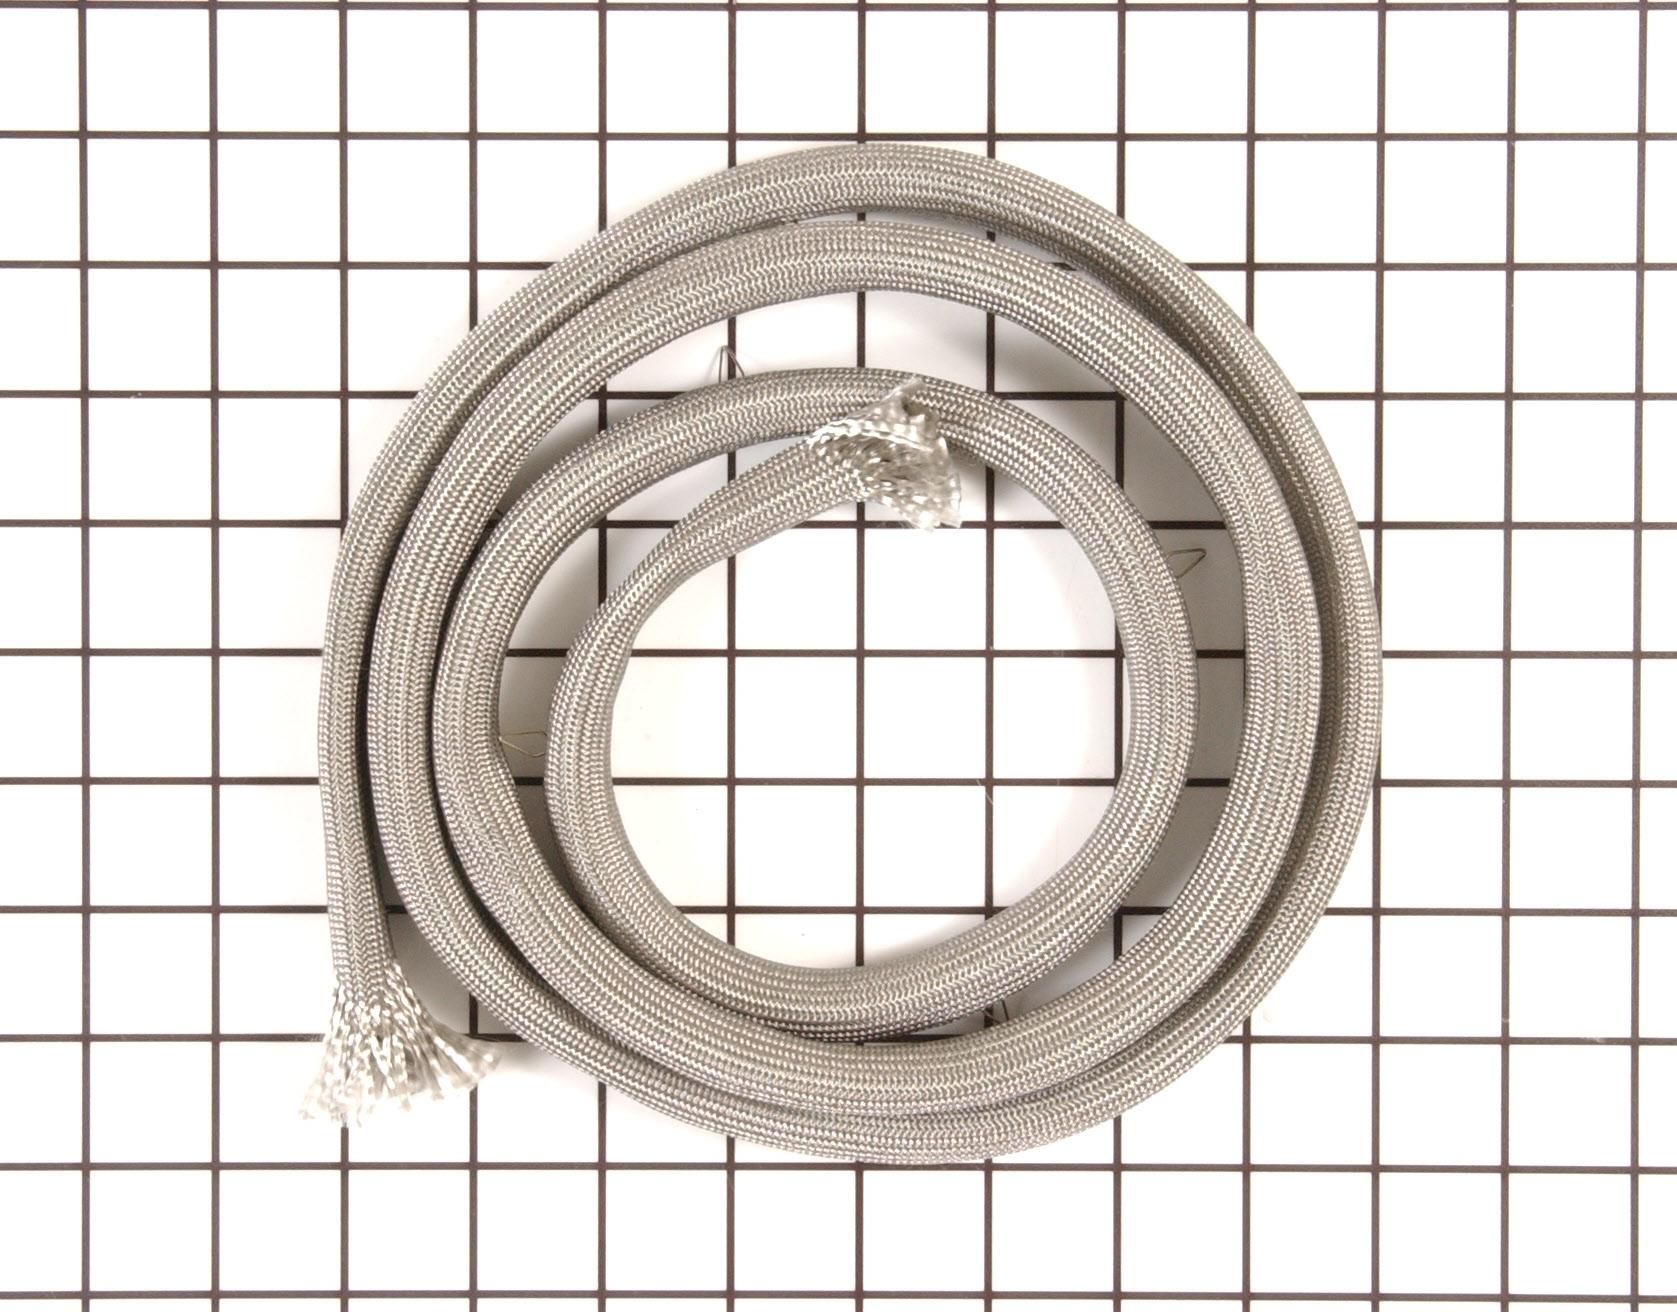 Whirlpool Range/Stove/Oven Part # WPW10658354 - Door Gasket